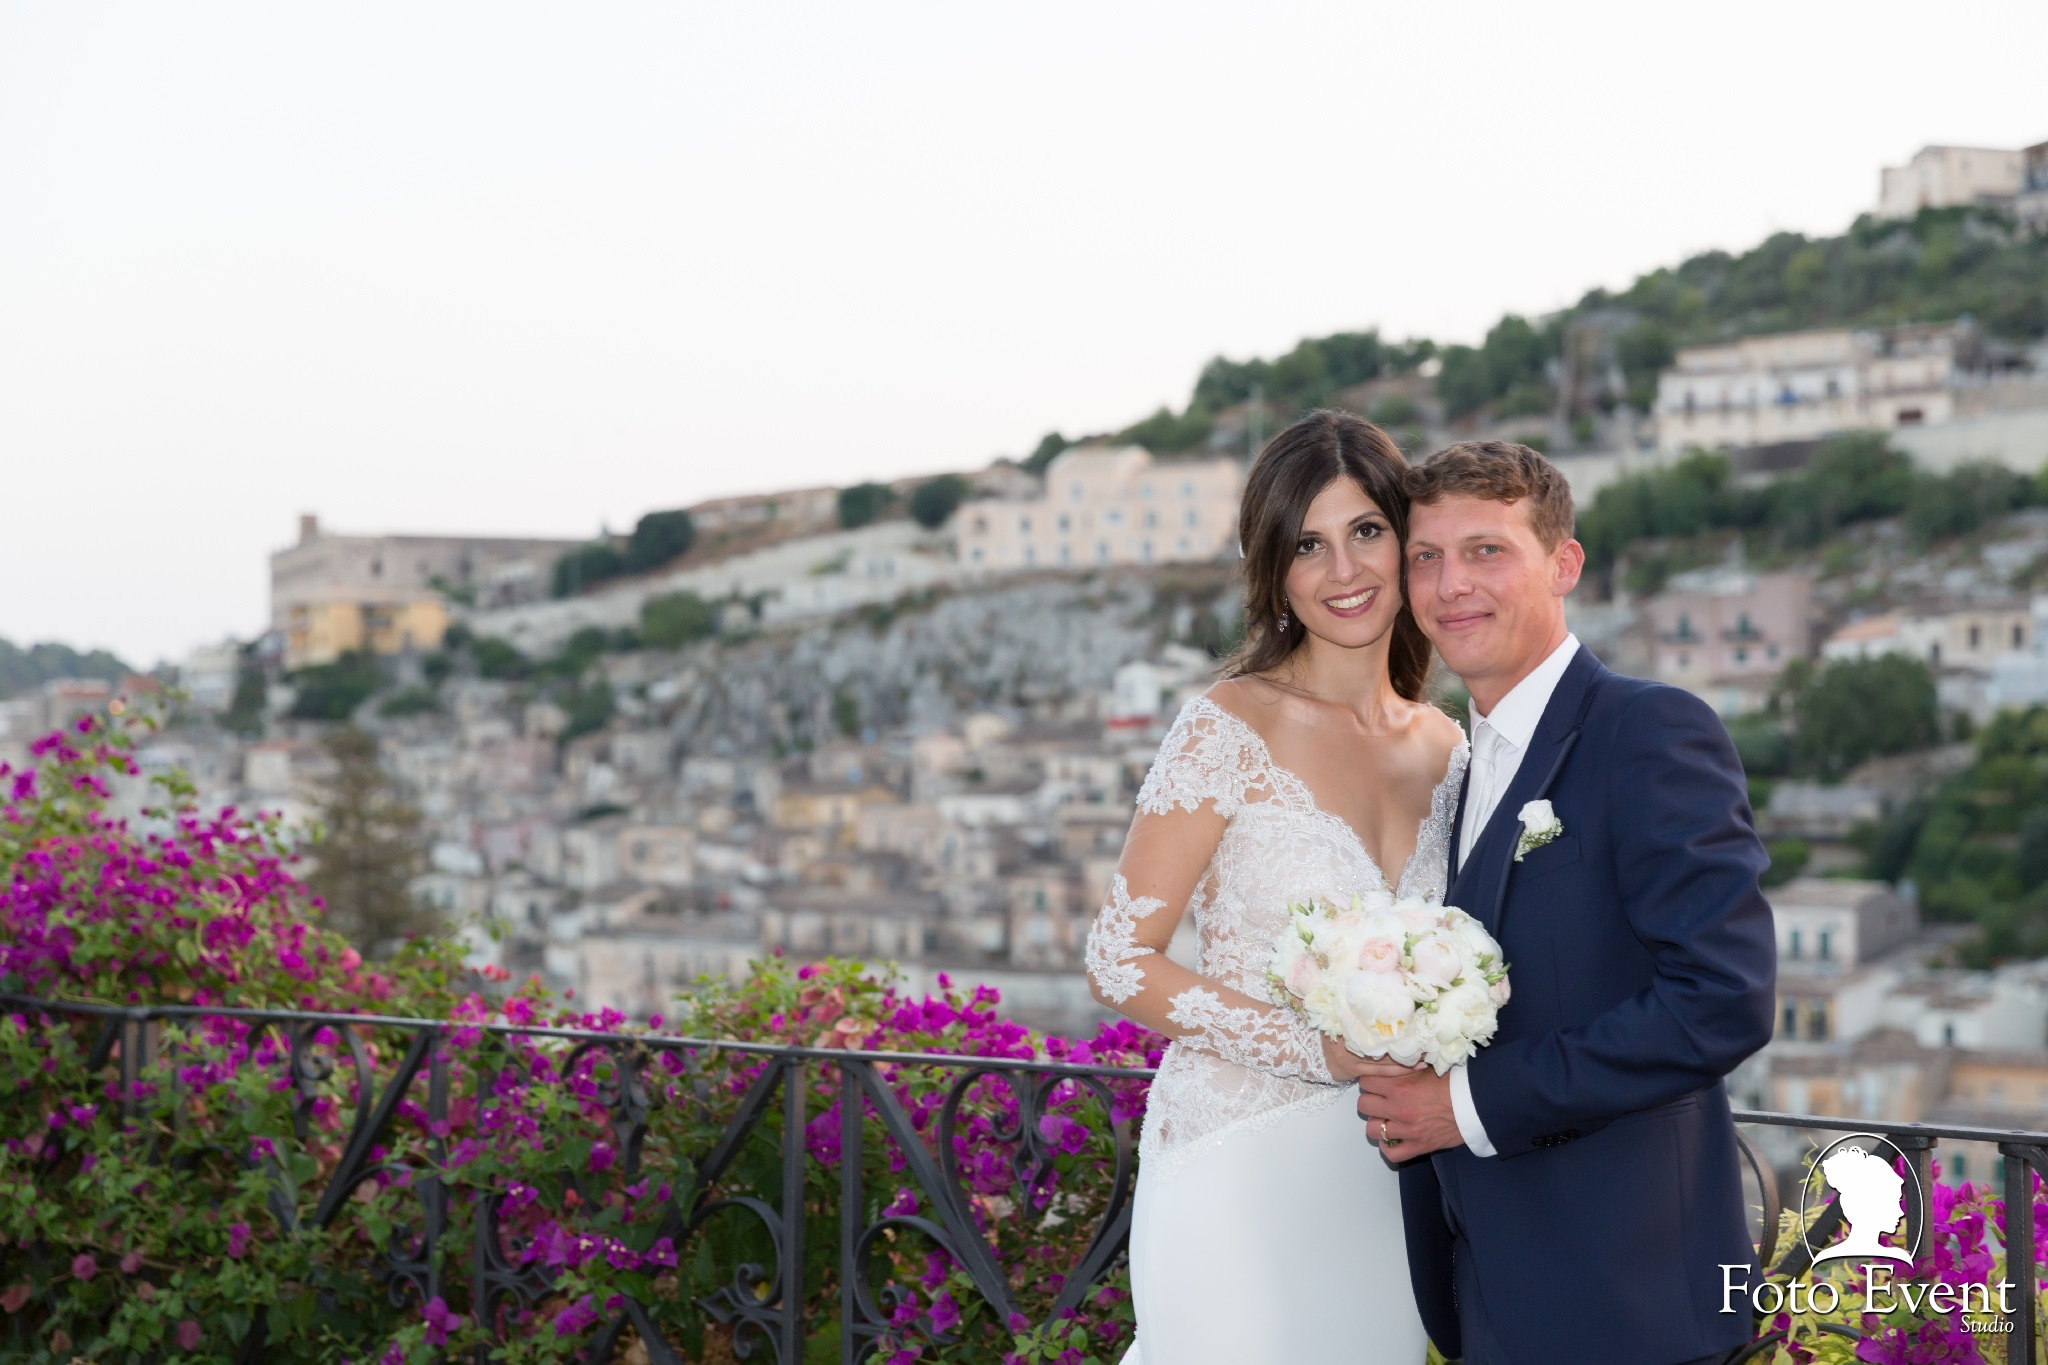 2017-07-21 Matrimonio Adriana e Giuseppe Dorsi 5DE 1486 CD FOTO